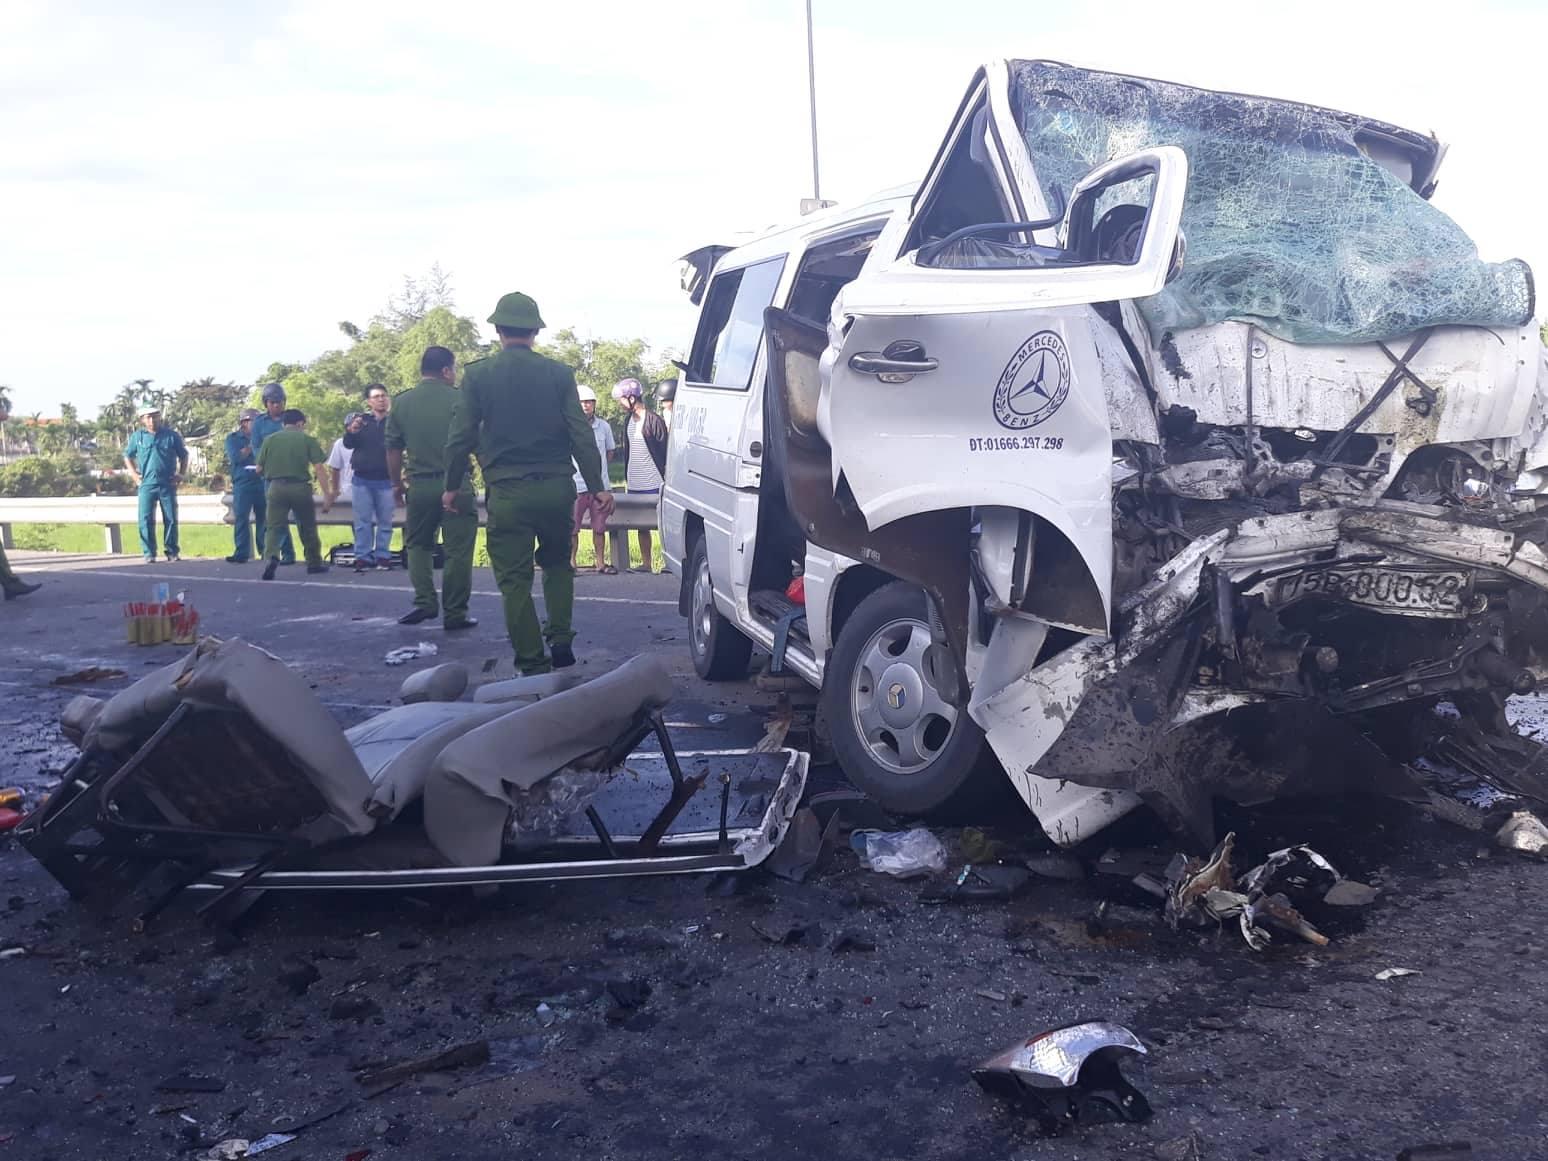 Vị trí xảy ra vụ tai nạn 13 người chết ở Quảng Nam từng cướp đi sinh mạng của 2 mẹ con - Ảnh 1